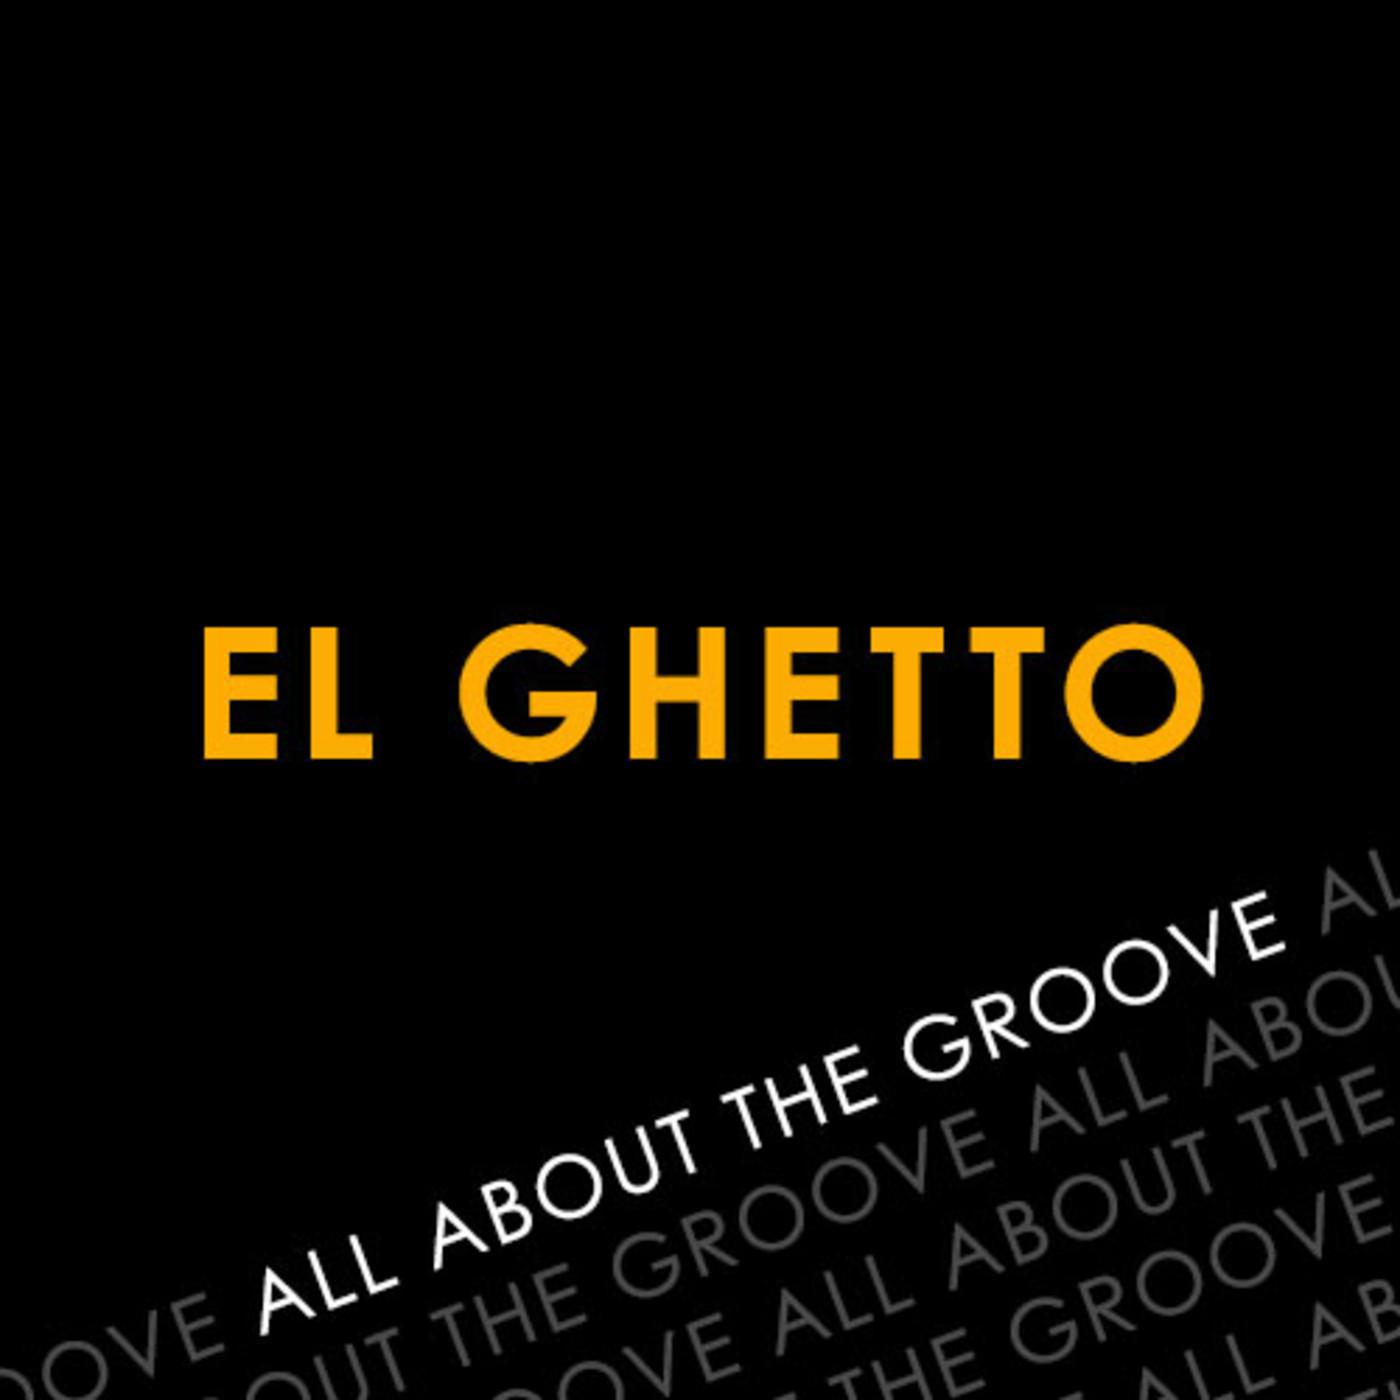 El Ghetto